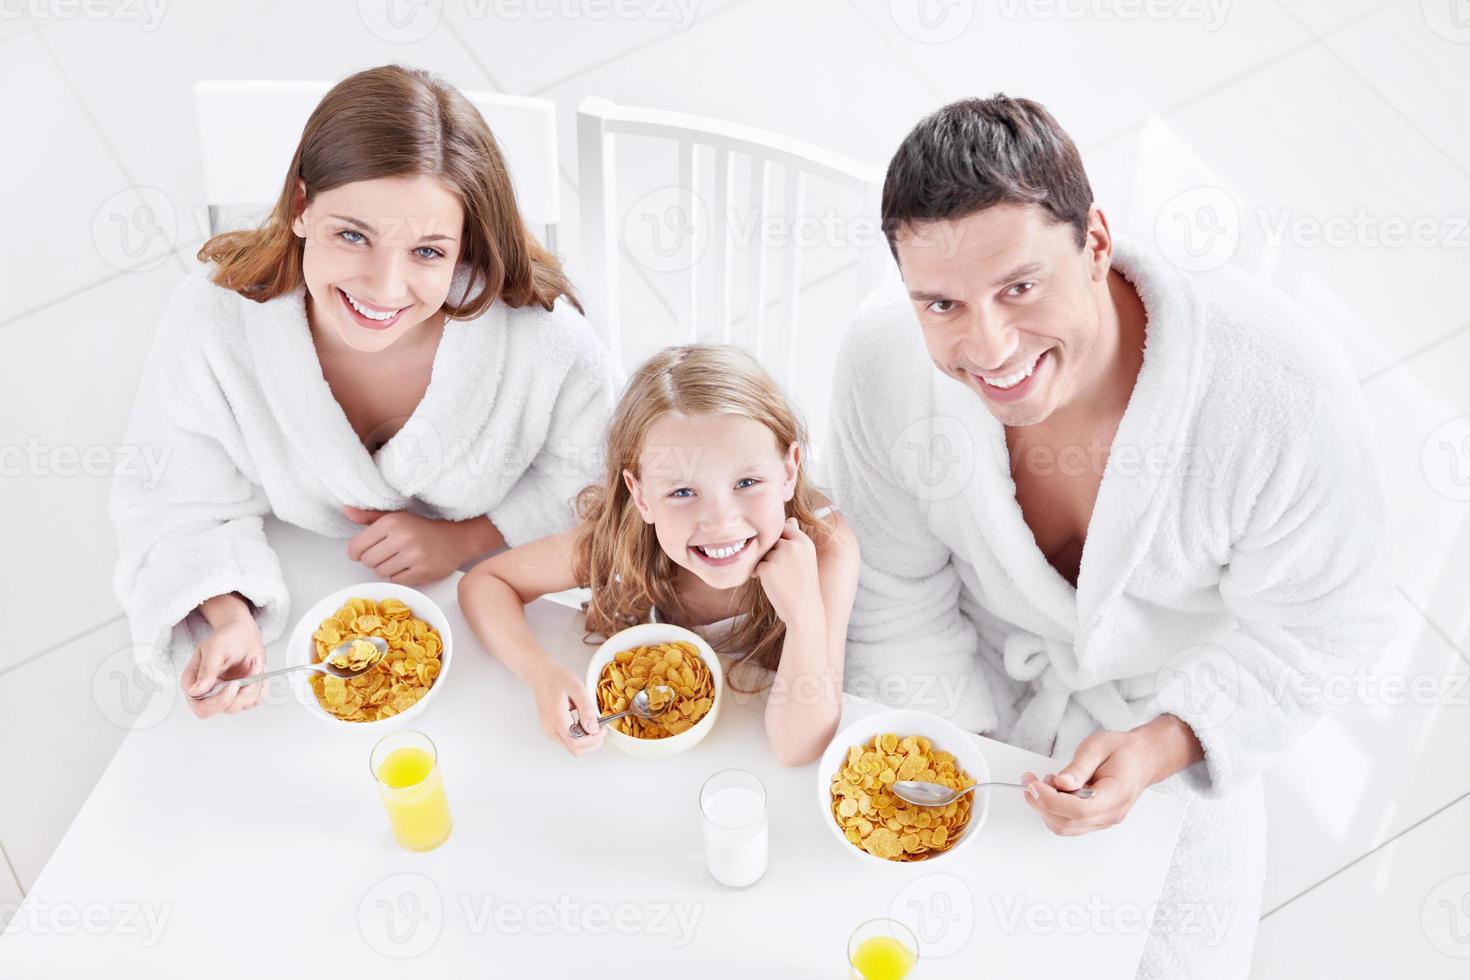 Familie mit Kind foto